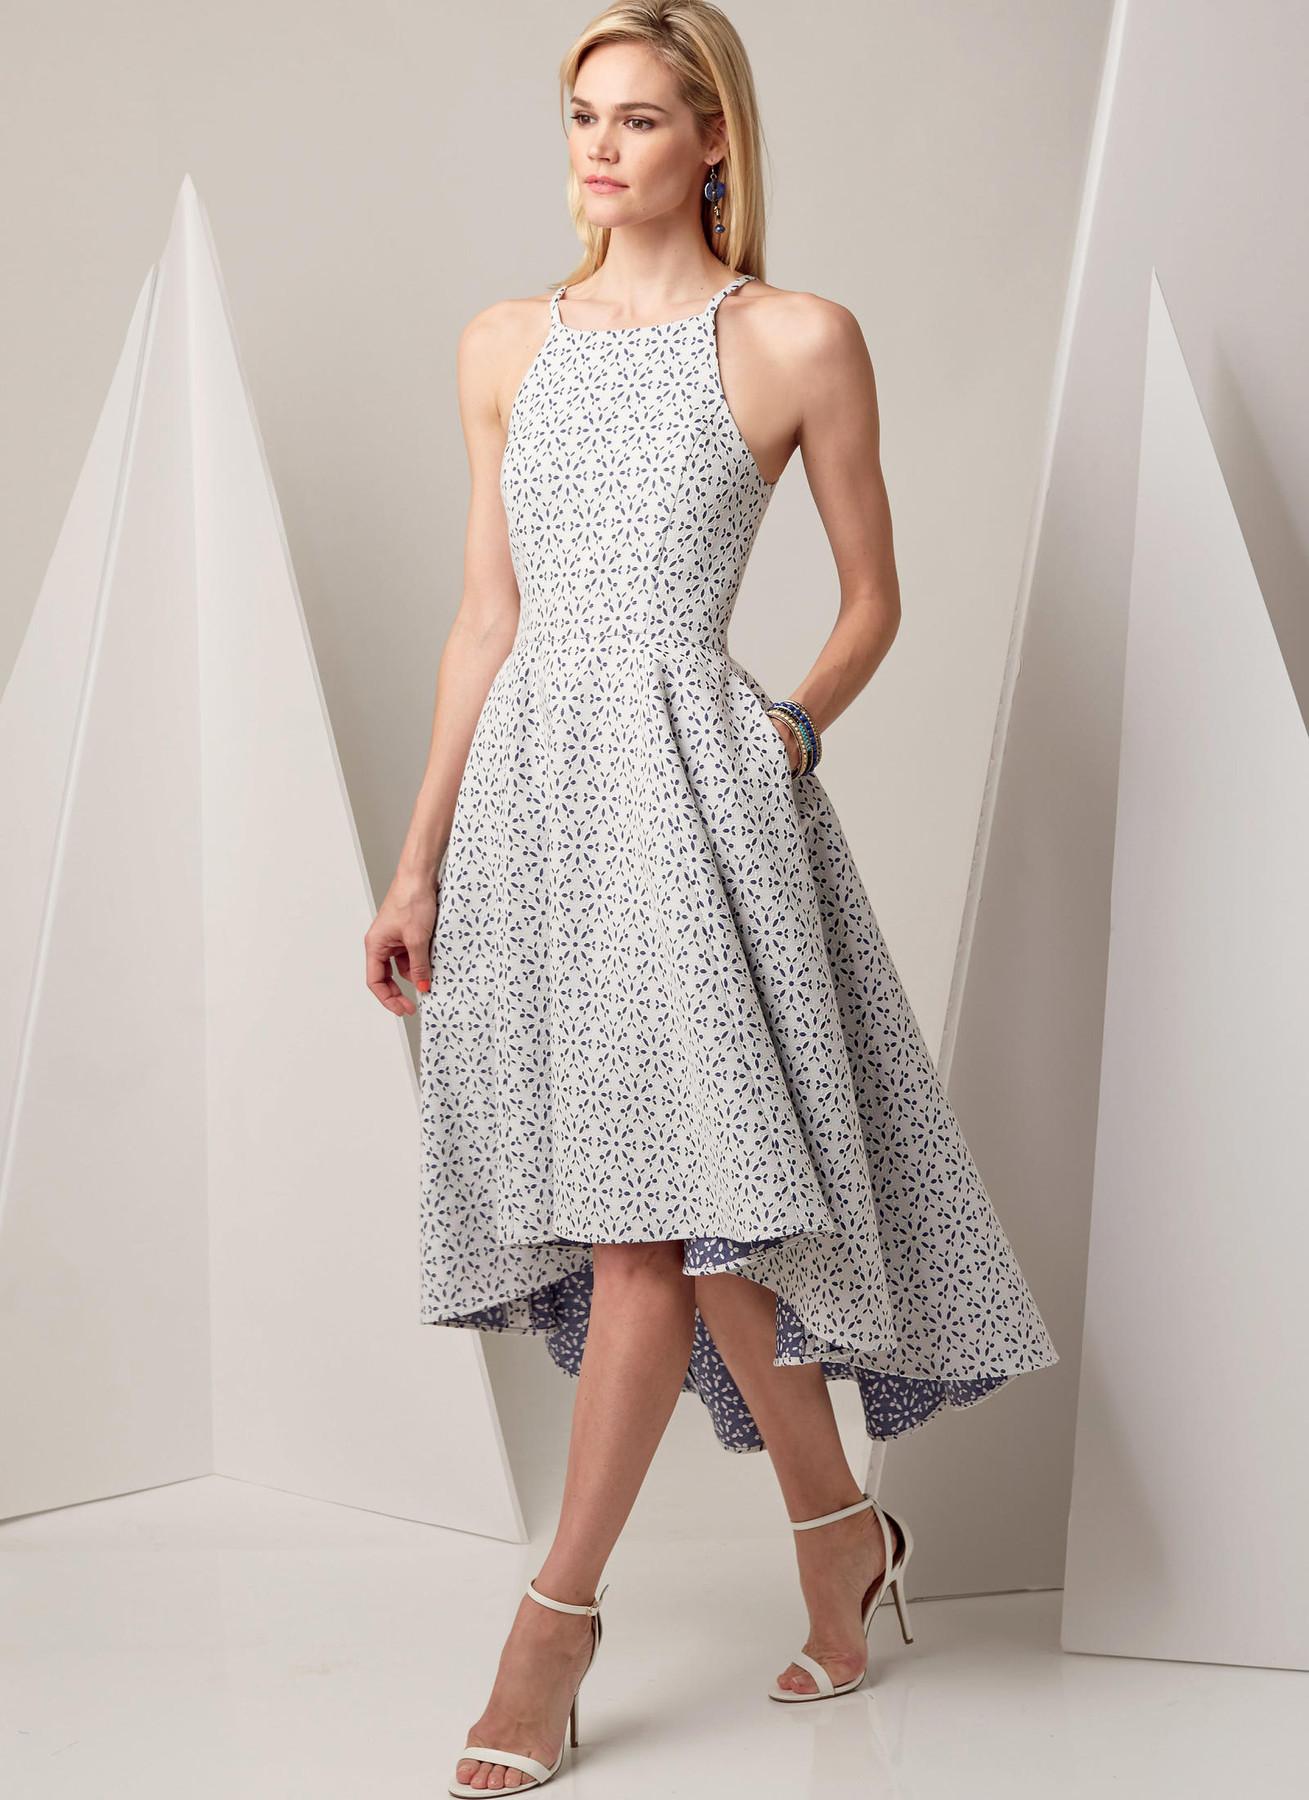 Hi Lo Dress Patterns : dress, patterns, V9252, Misses', Princess, High-Low, Dresses, Pockets, Vogue, Patterns